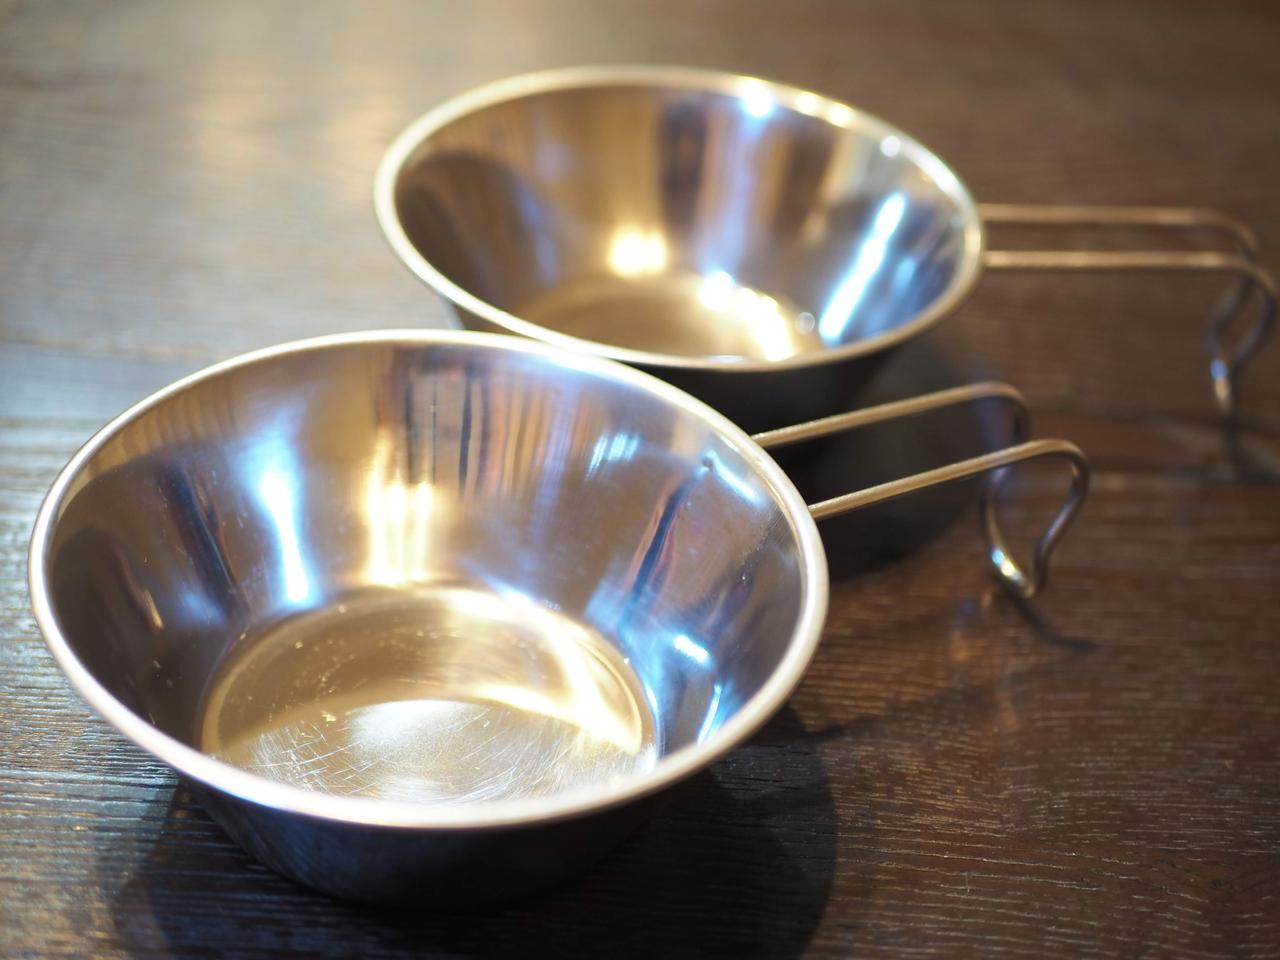 画像1: ③ キャンプの食器でヘビーユースのシェラカップ型